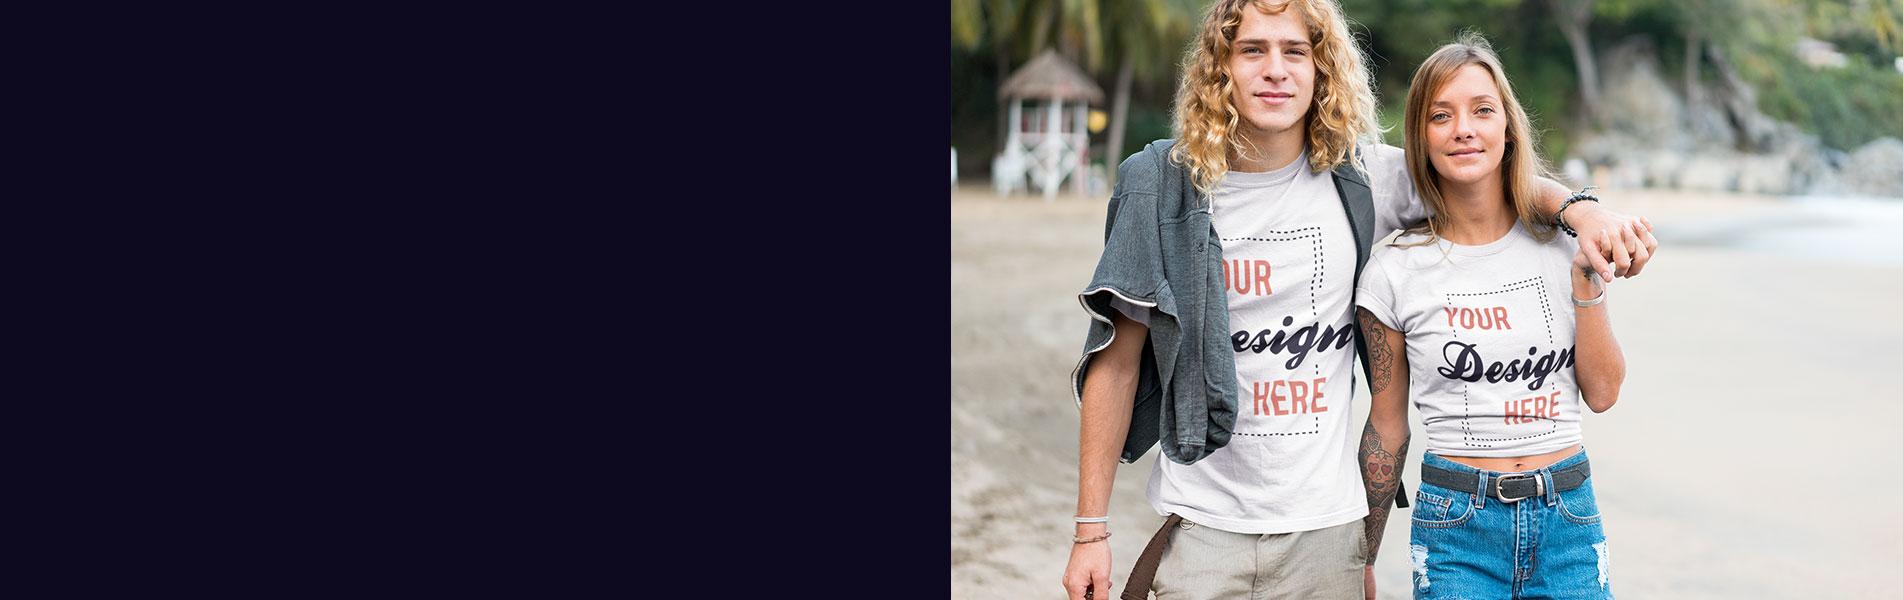 Junges surfer Paar mit weissen T-Shirts für den T-Shirt Druck